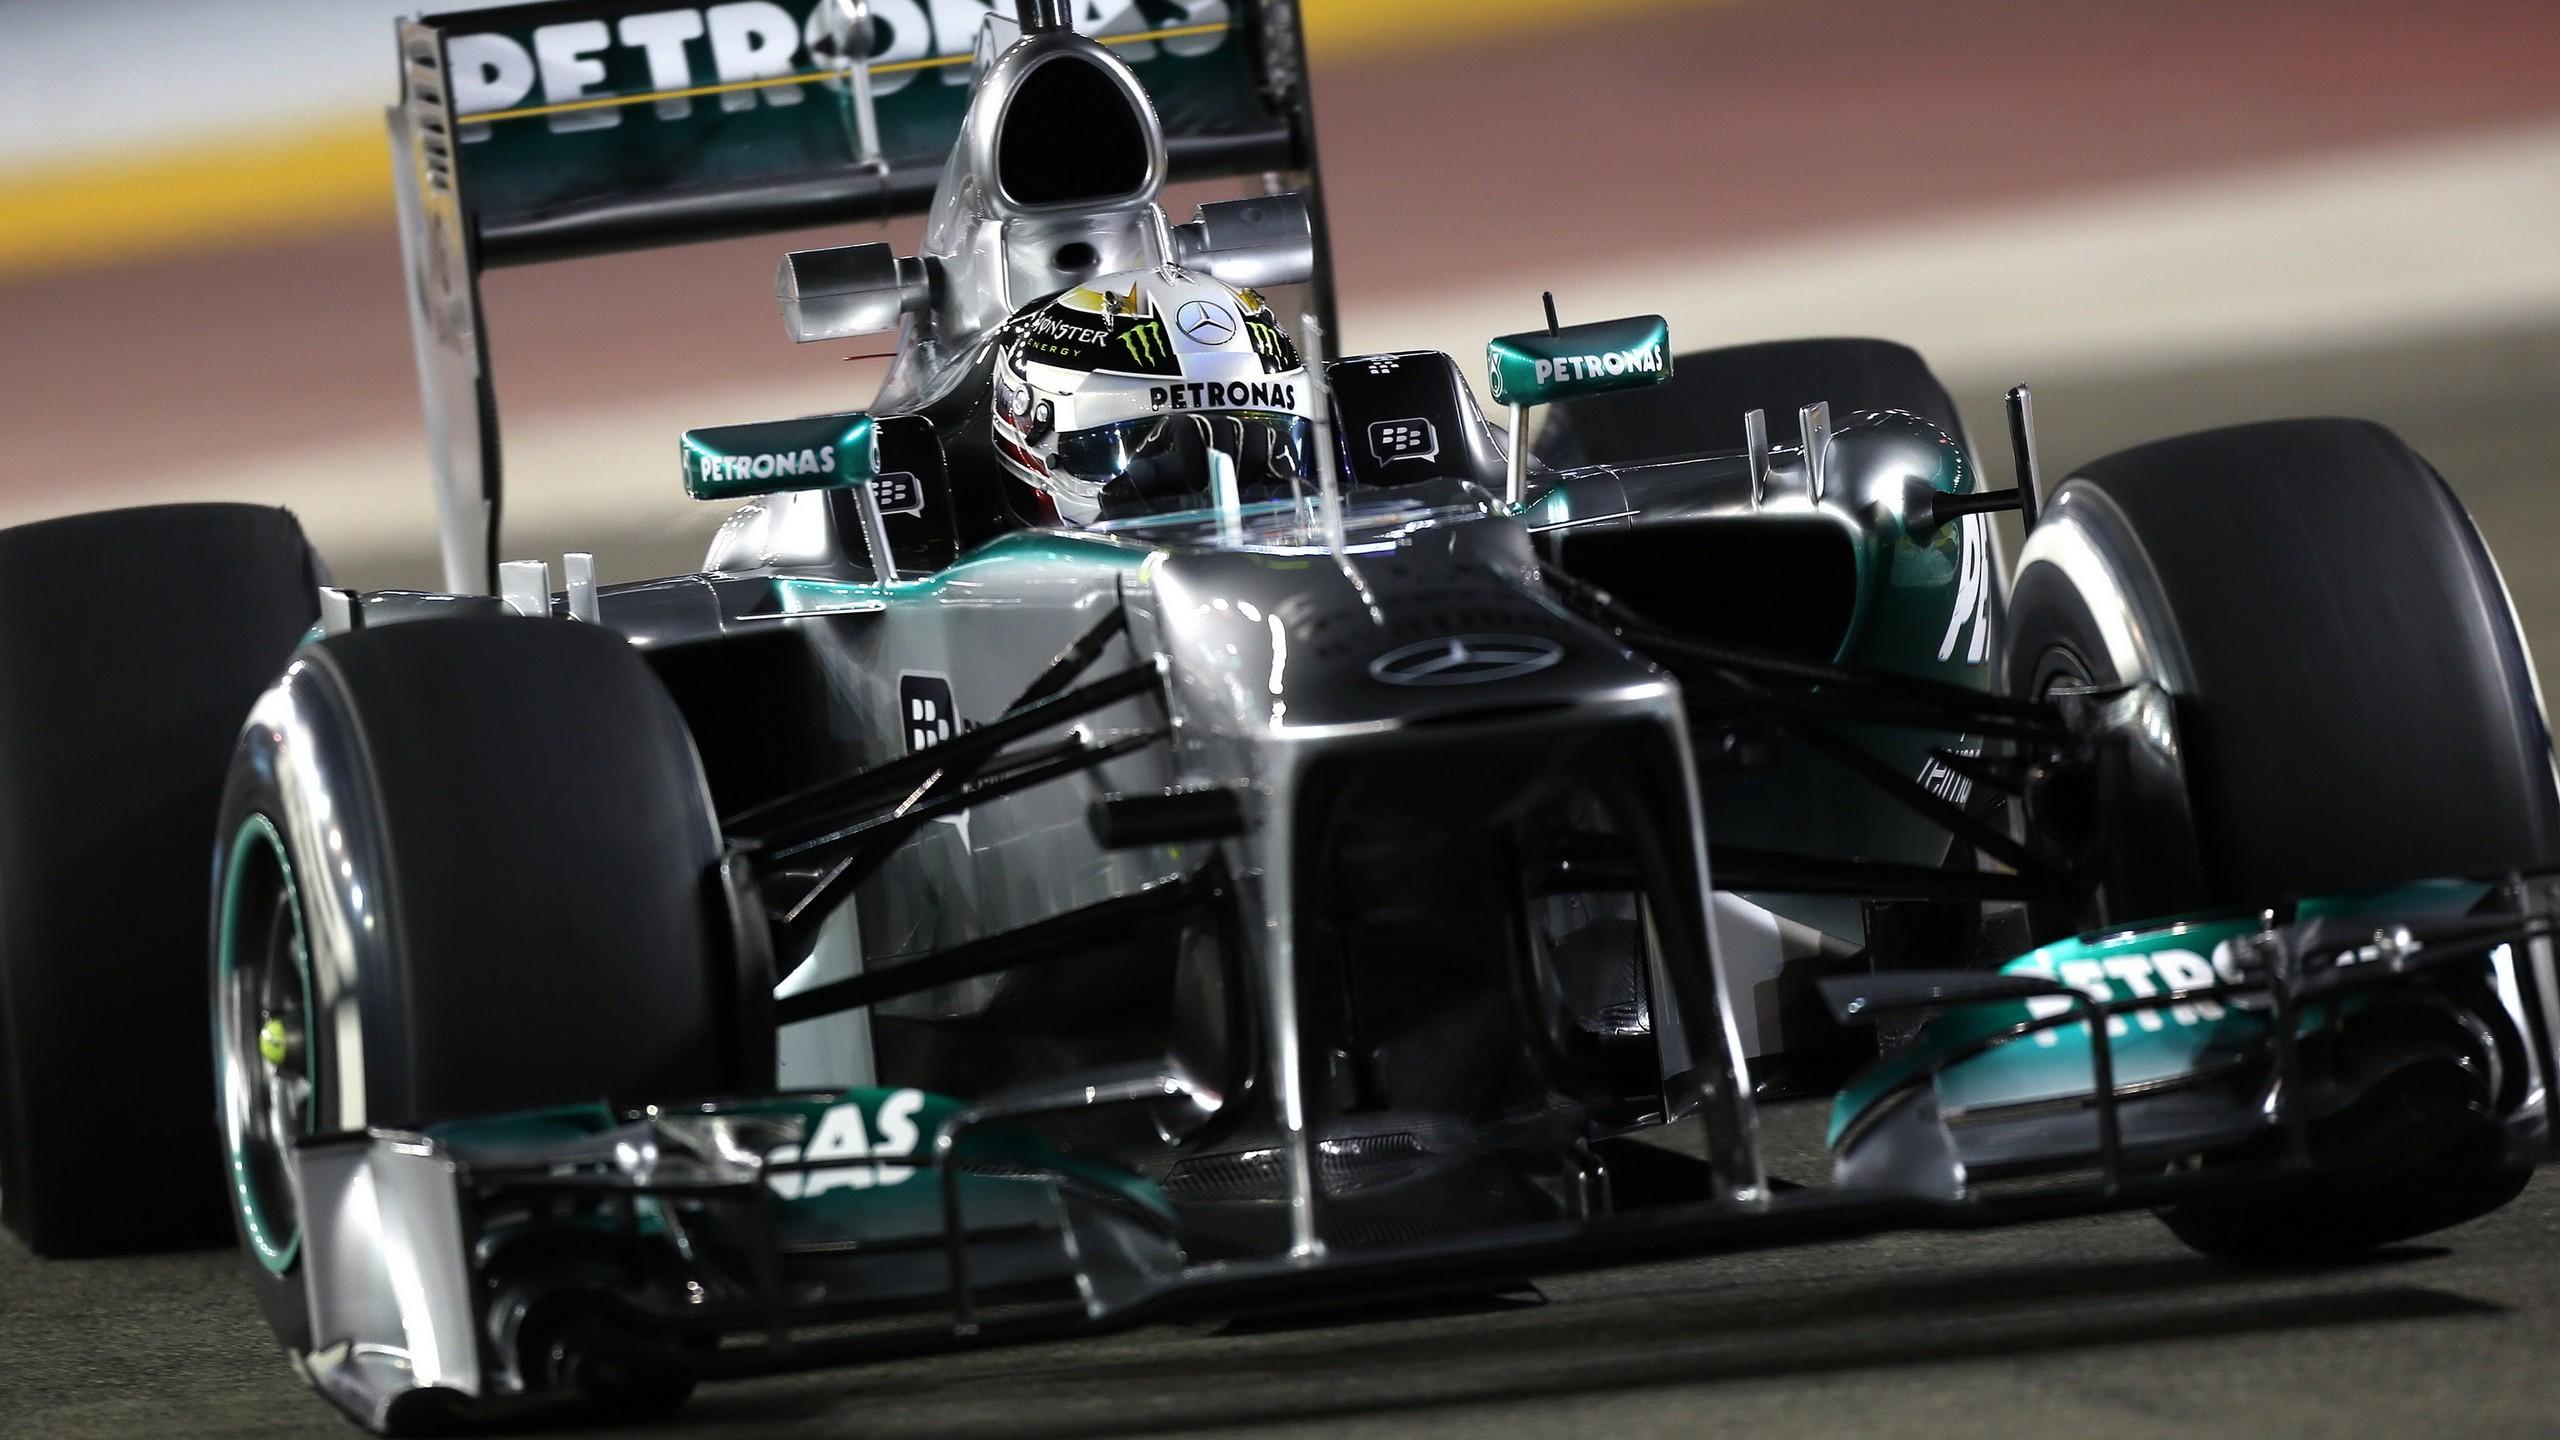 Wallpaper vehicle mercedes benz formula 1 sports car for Mercedes benz build a car